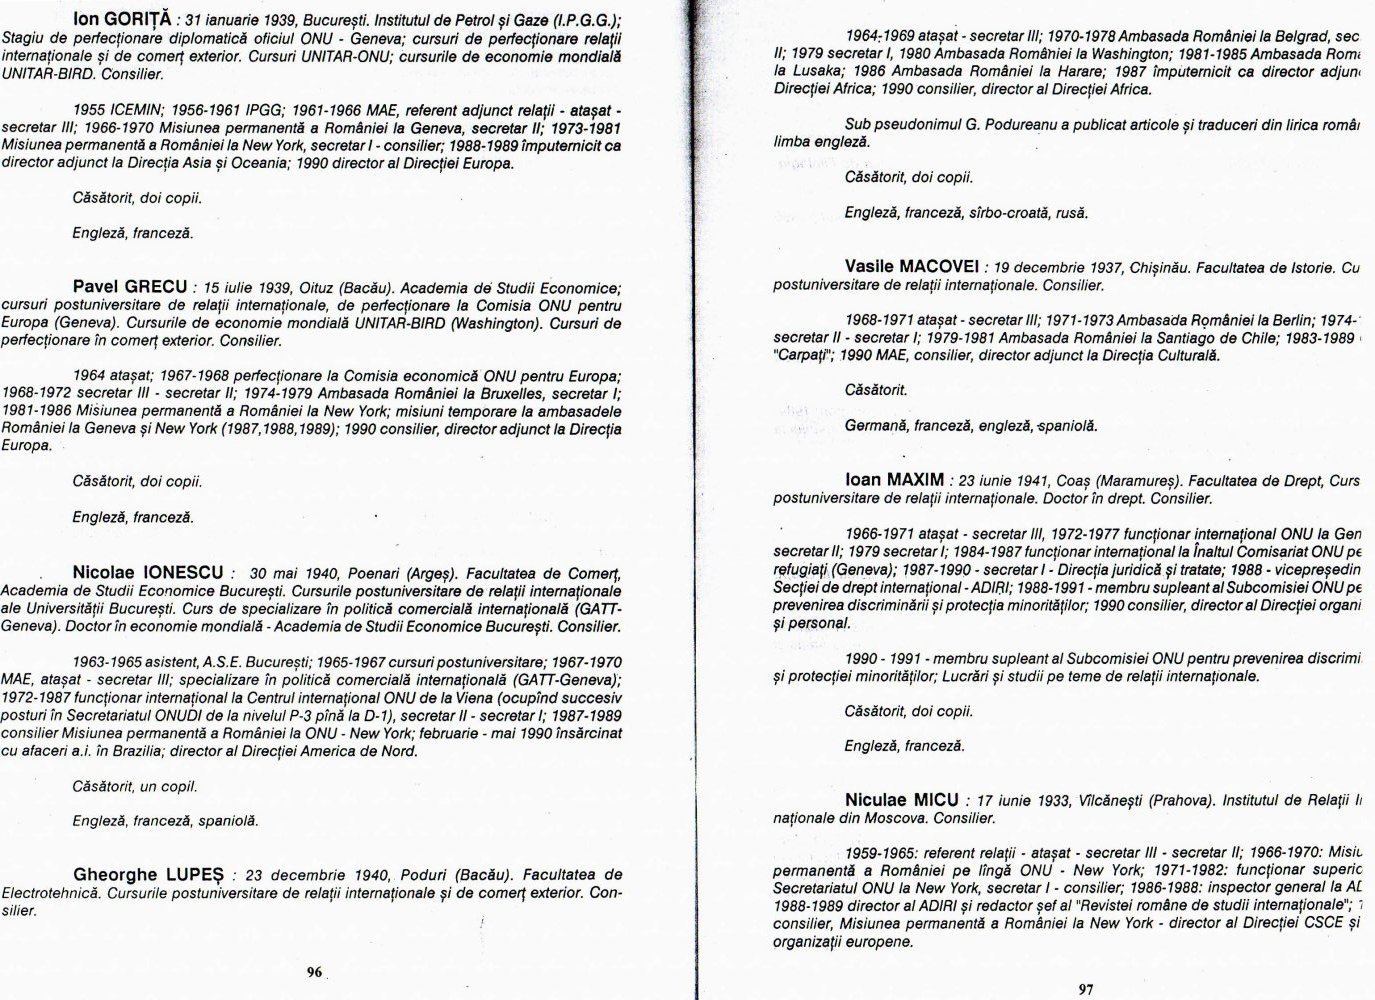 pag.96-97